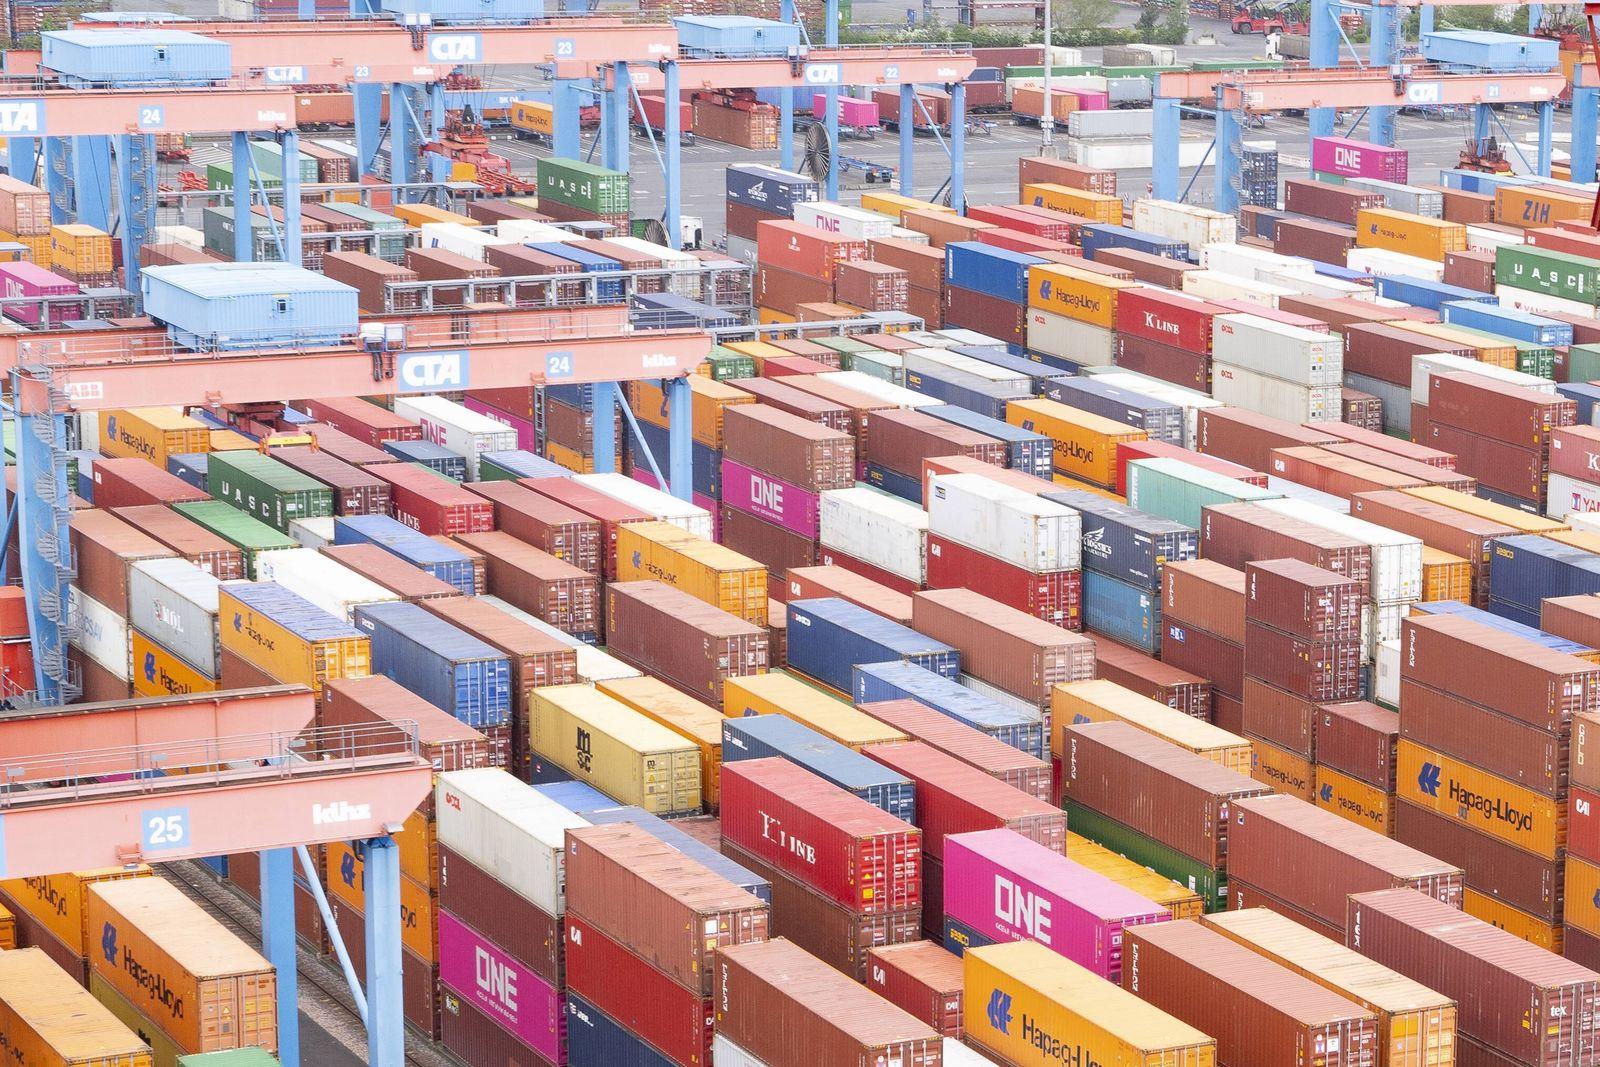 Container Terminal Altenwerder in Hamburg - Hamburger Hafen - Containerbrücke;Container Terminal Altenwerder in Hamburg